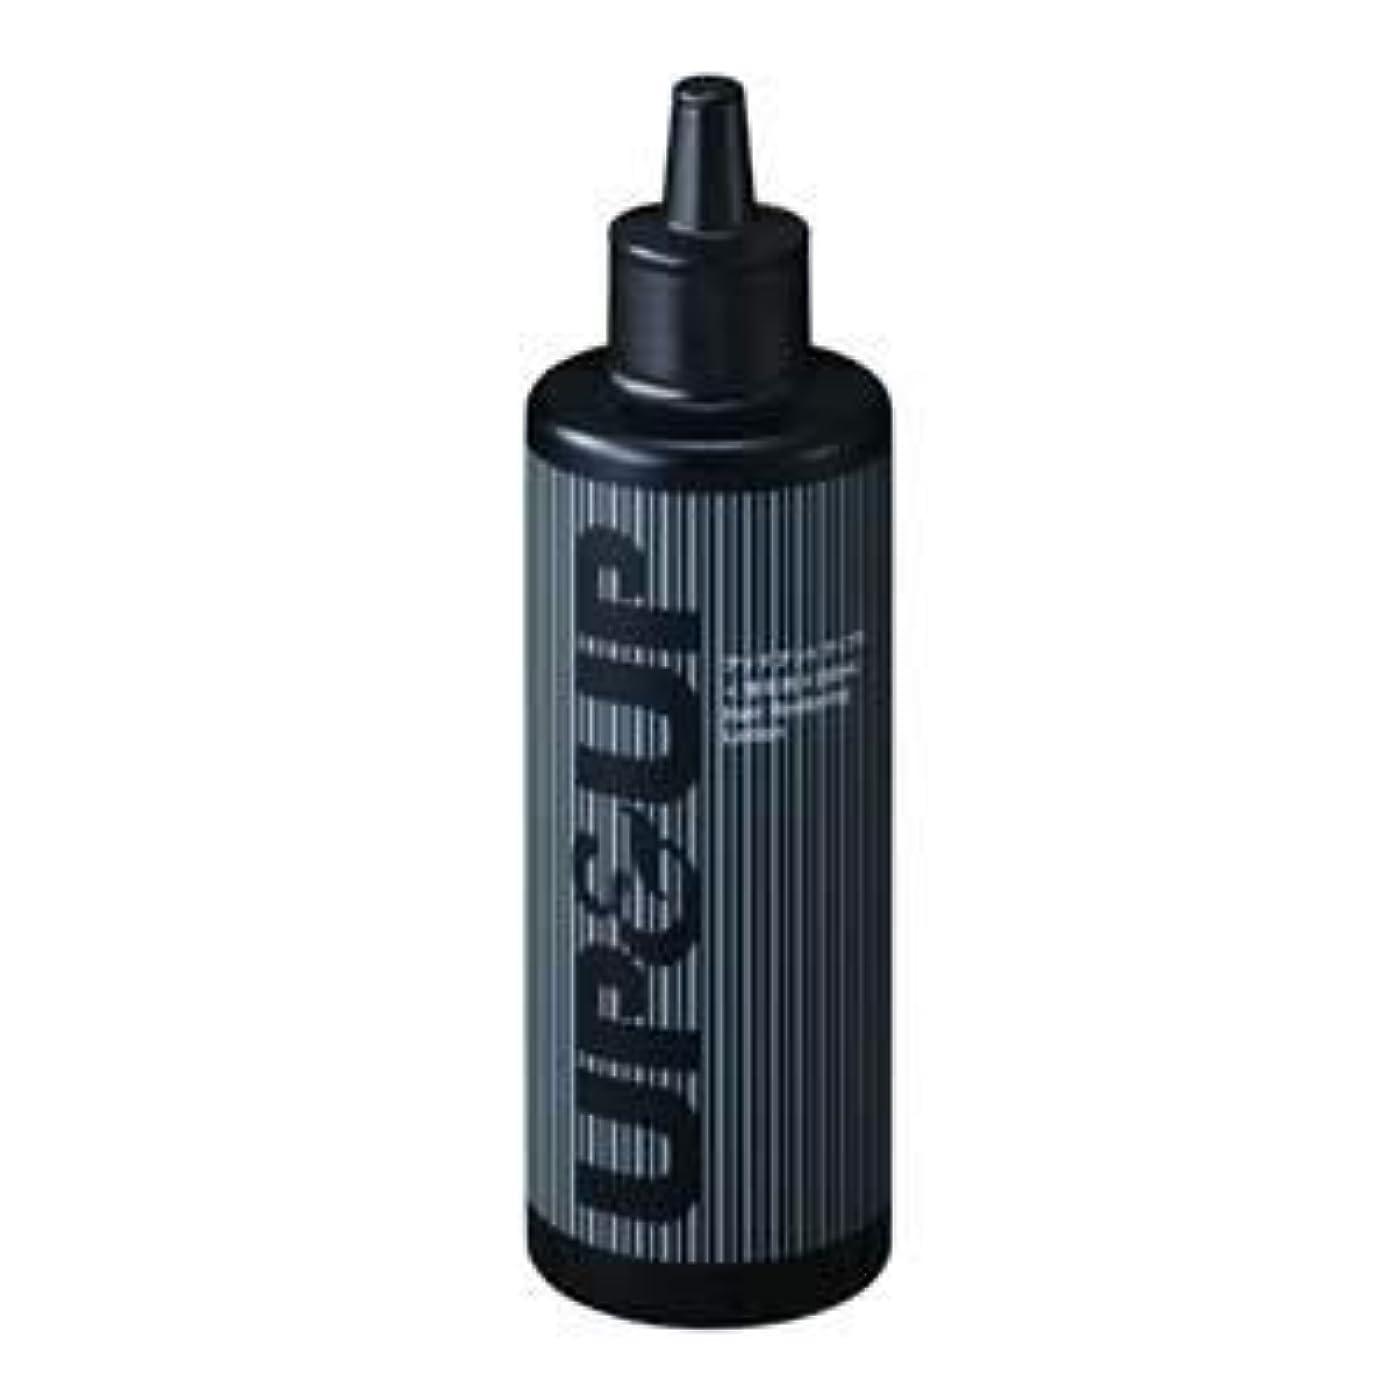 H+Bライフサイエンス アップ アンド アップ UP&UP S育毛剤 200mL